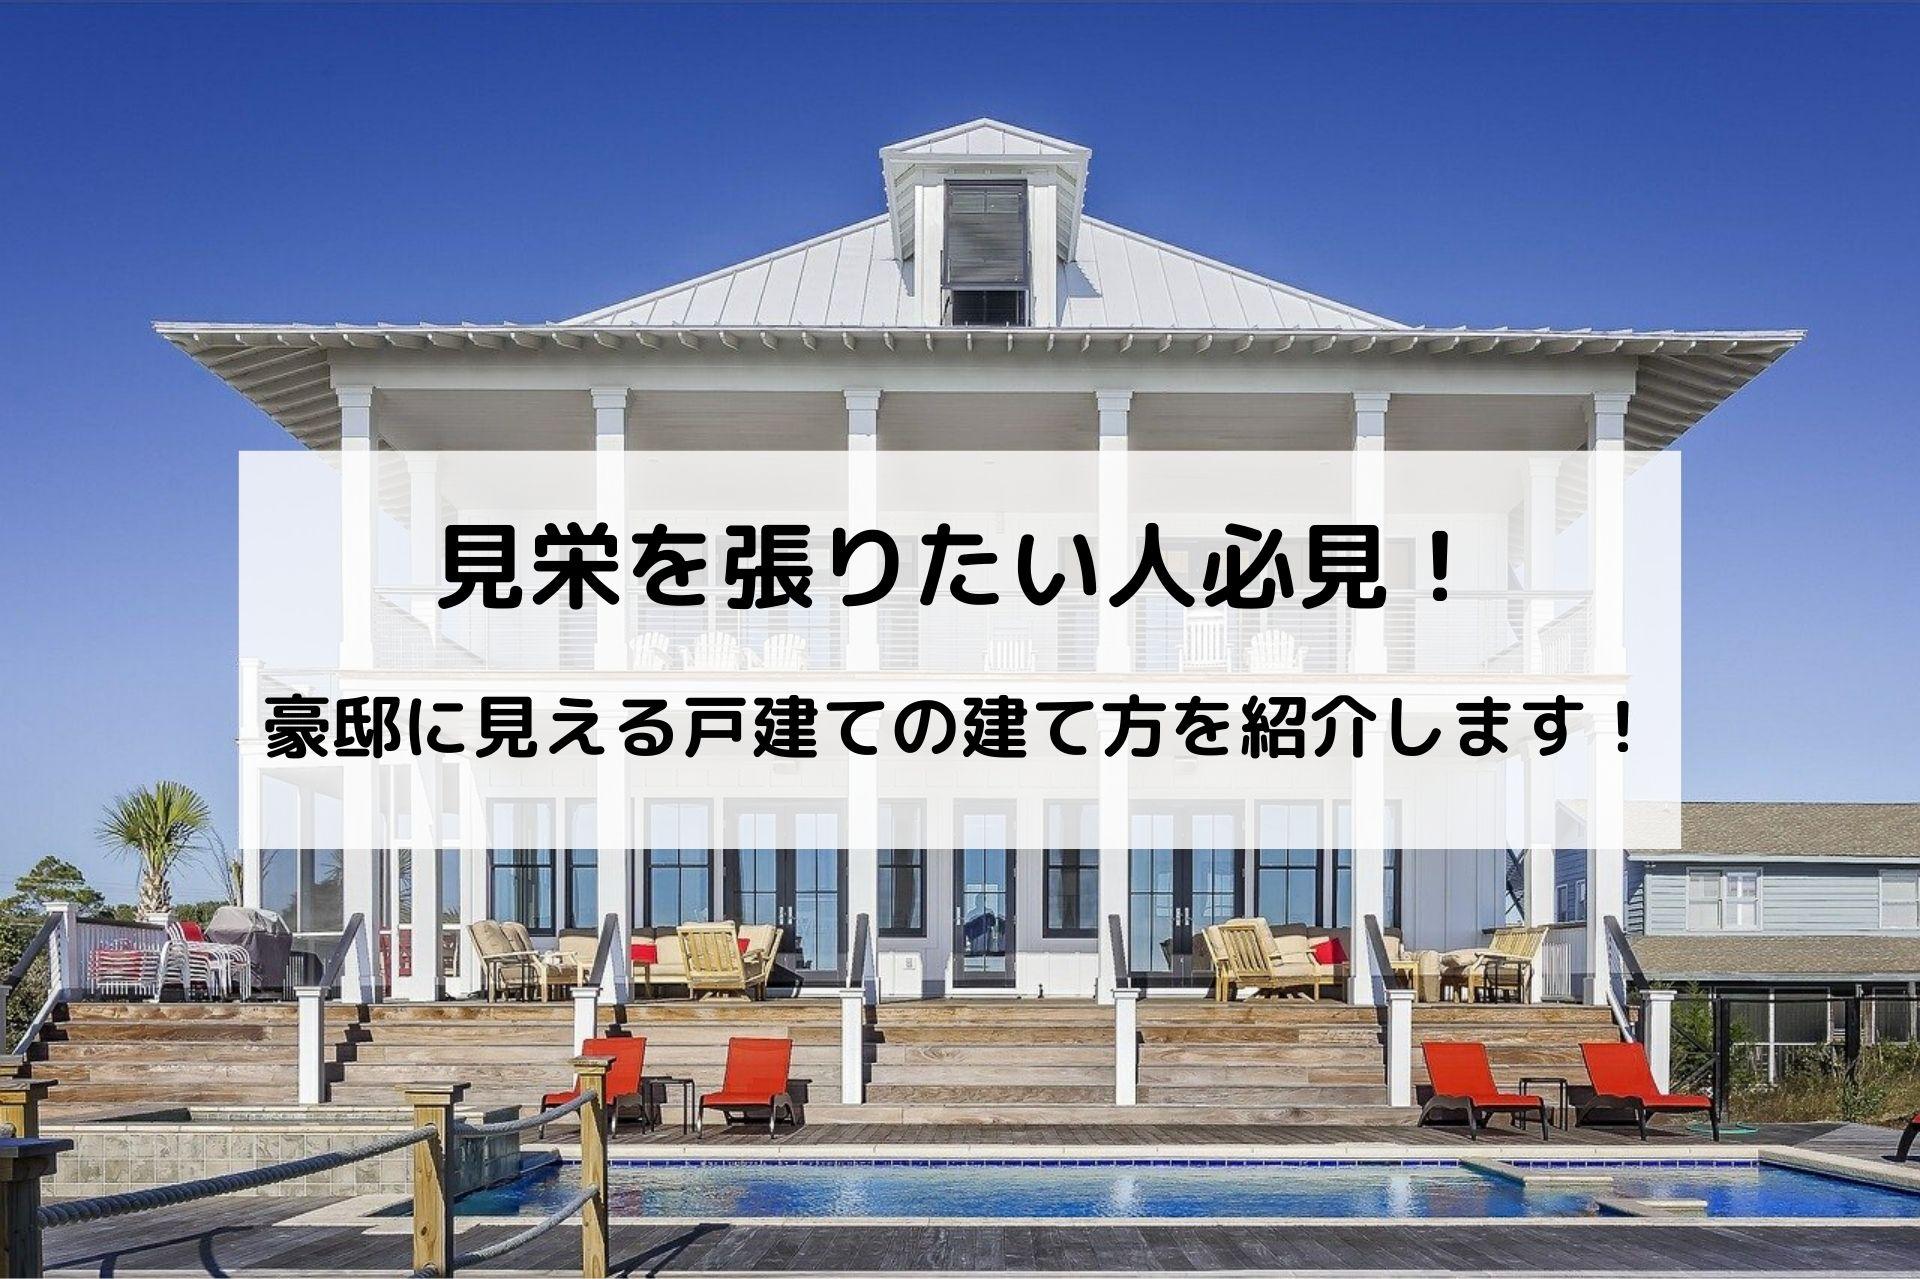 見栄を張りたい人必見!豪邸に見える戸建ての建て方を紹介します!